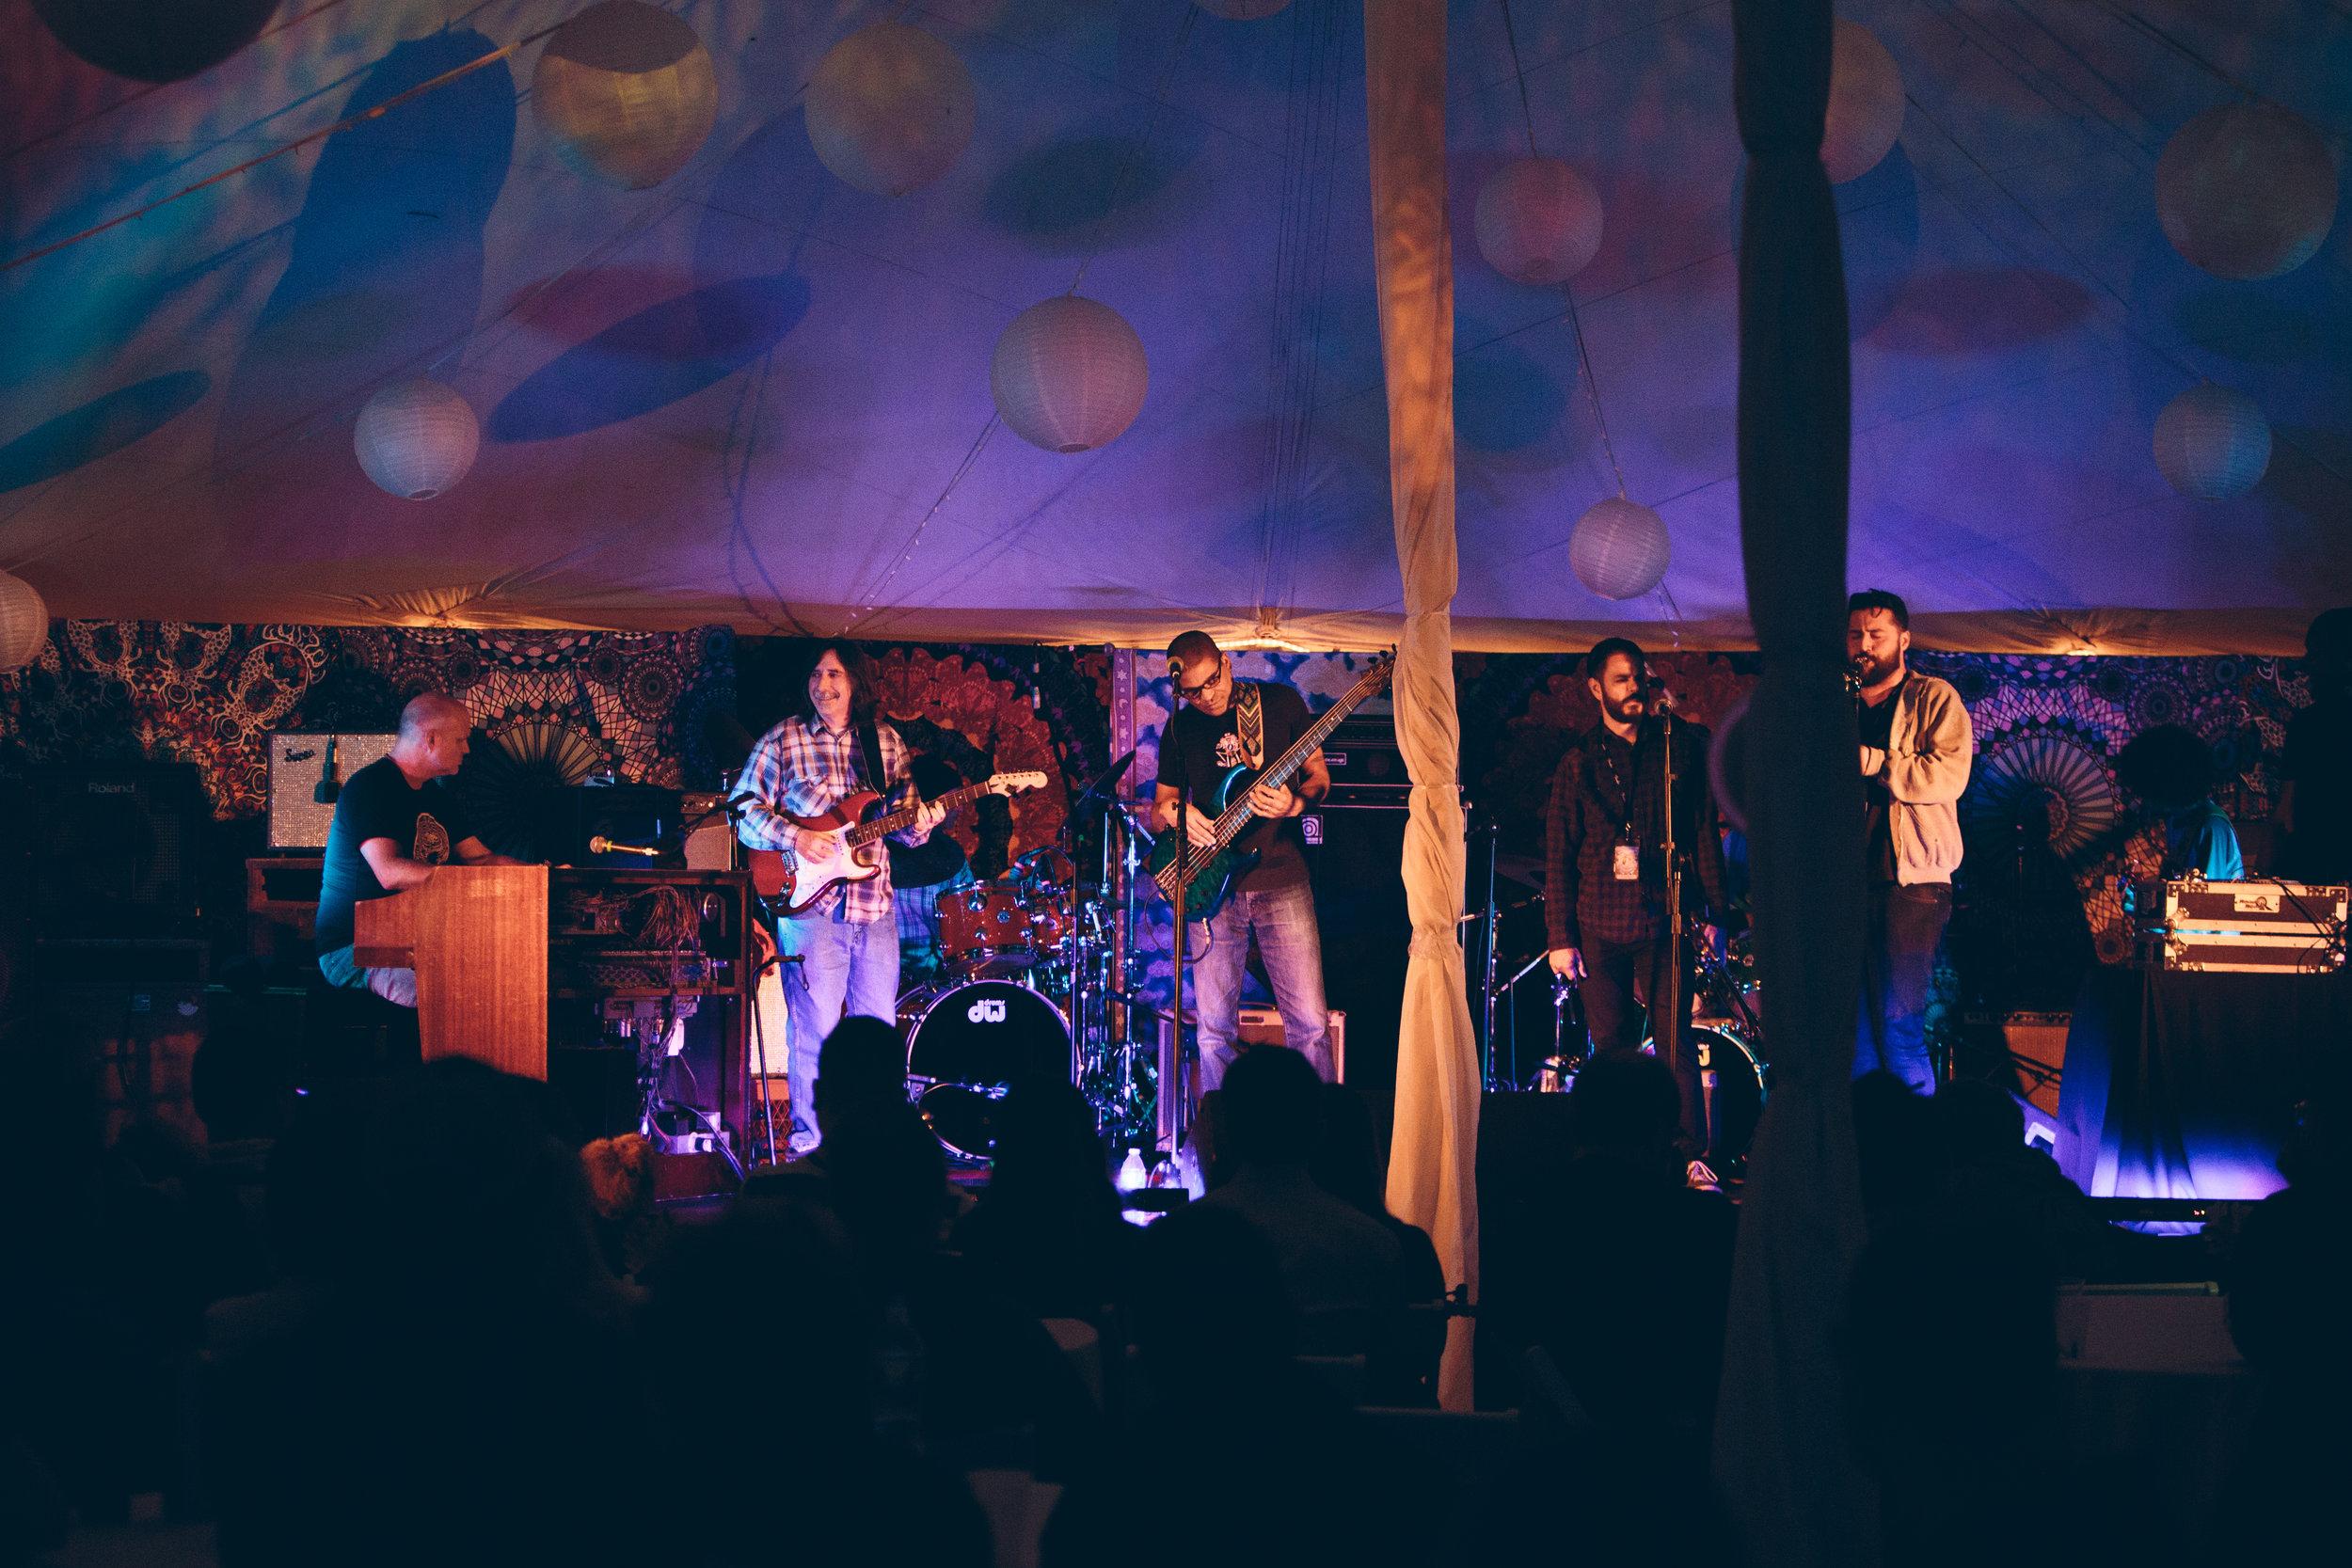 concert-tent.jpg